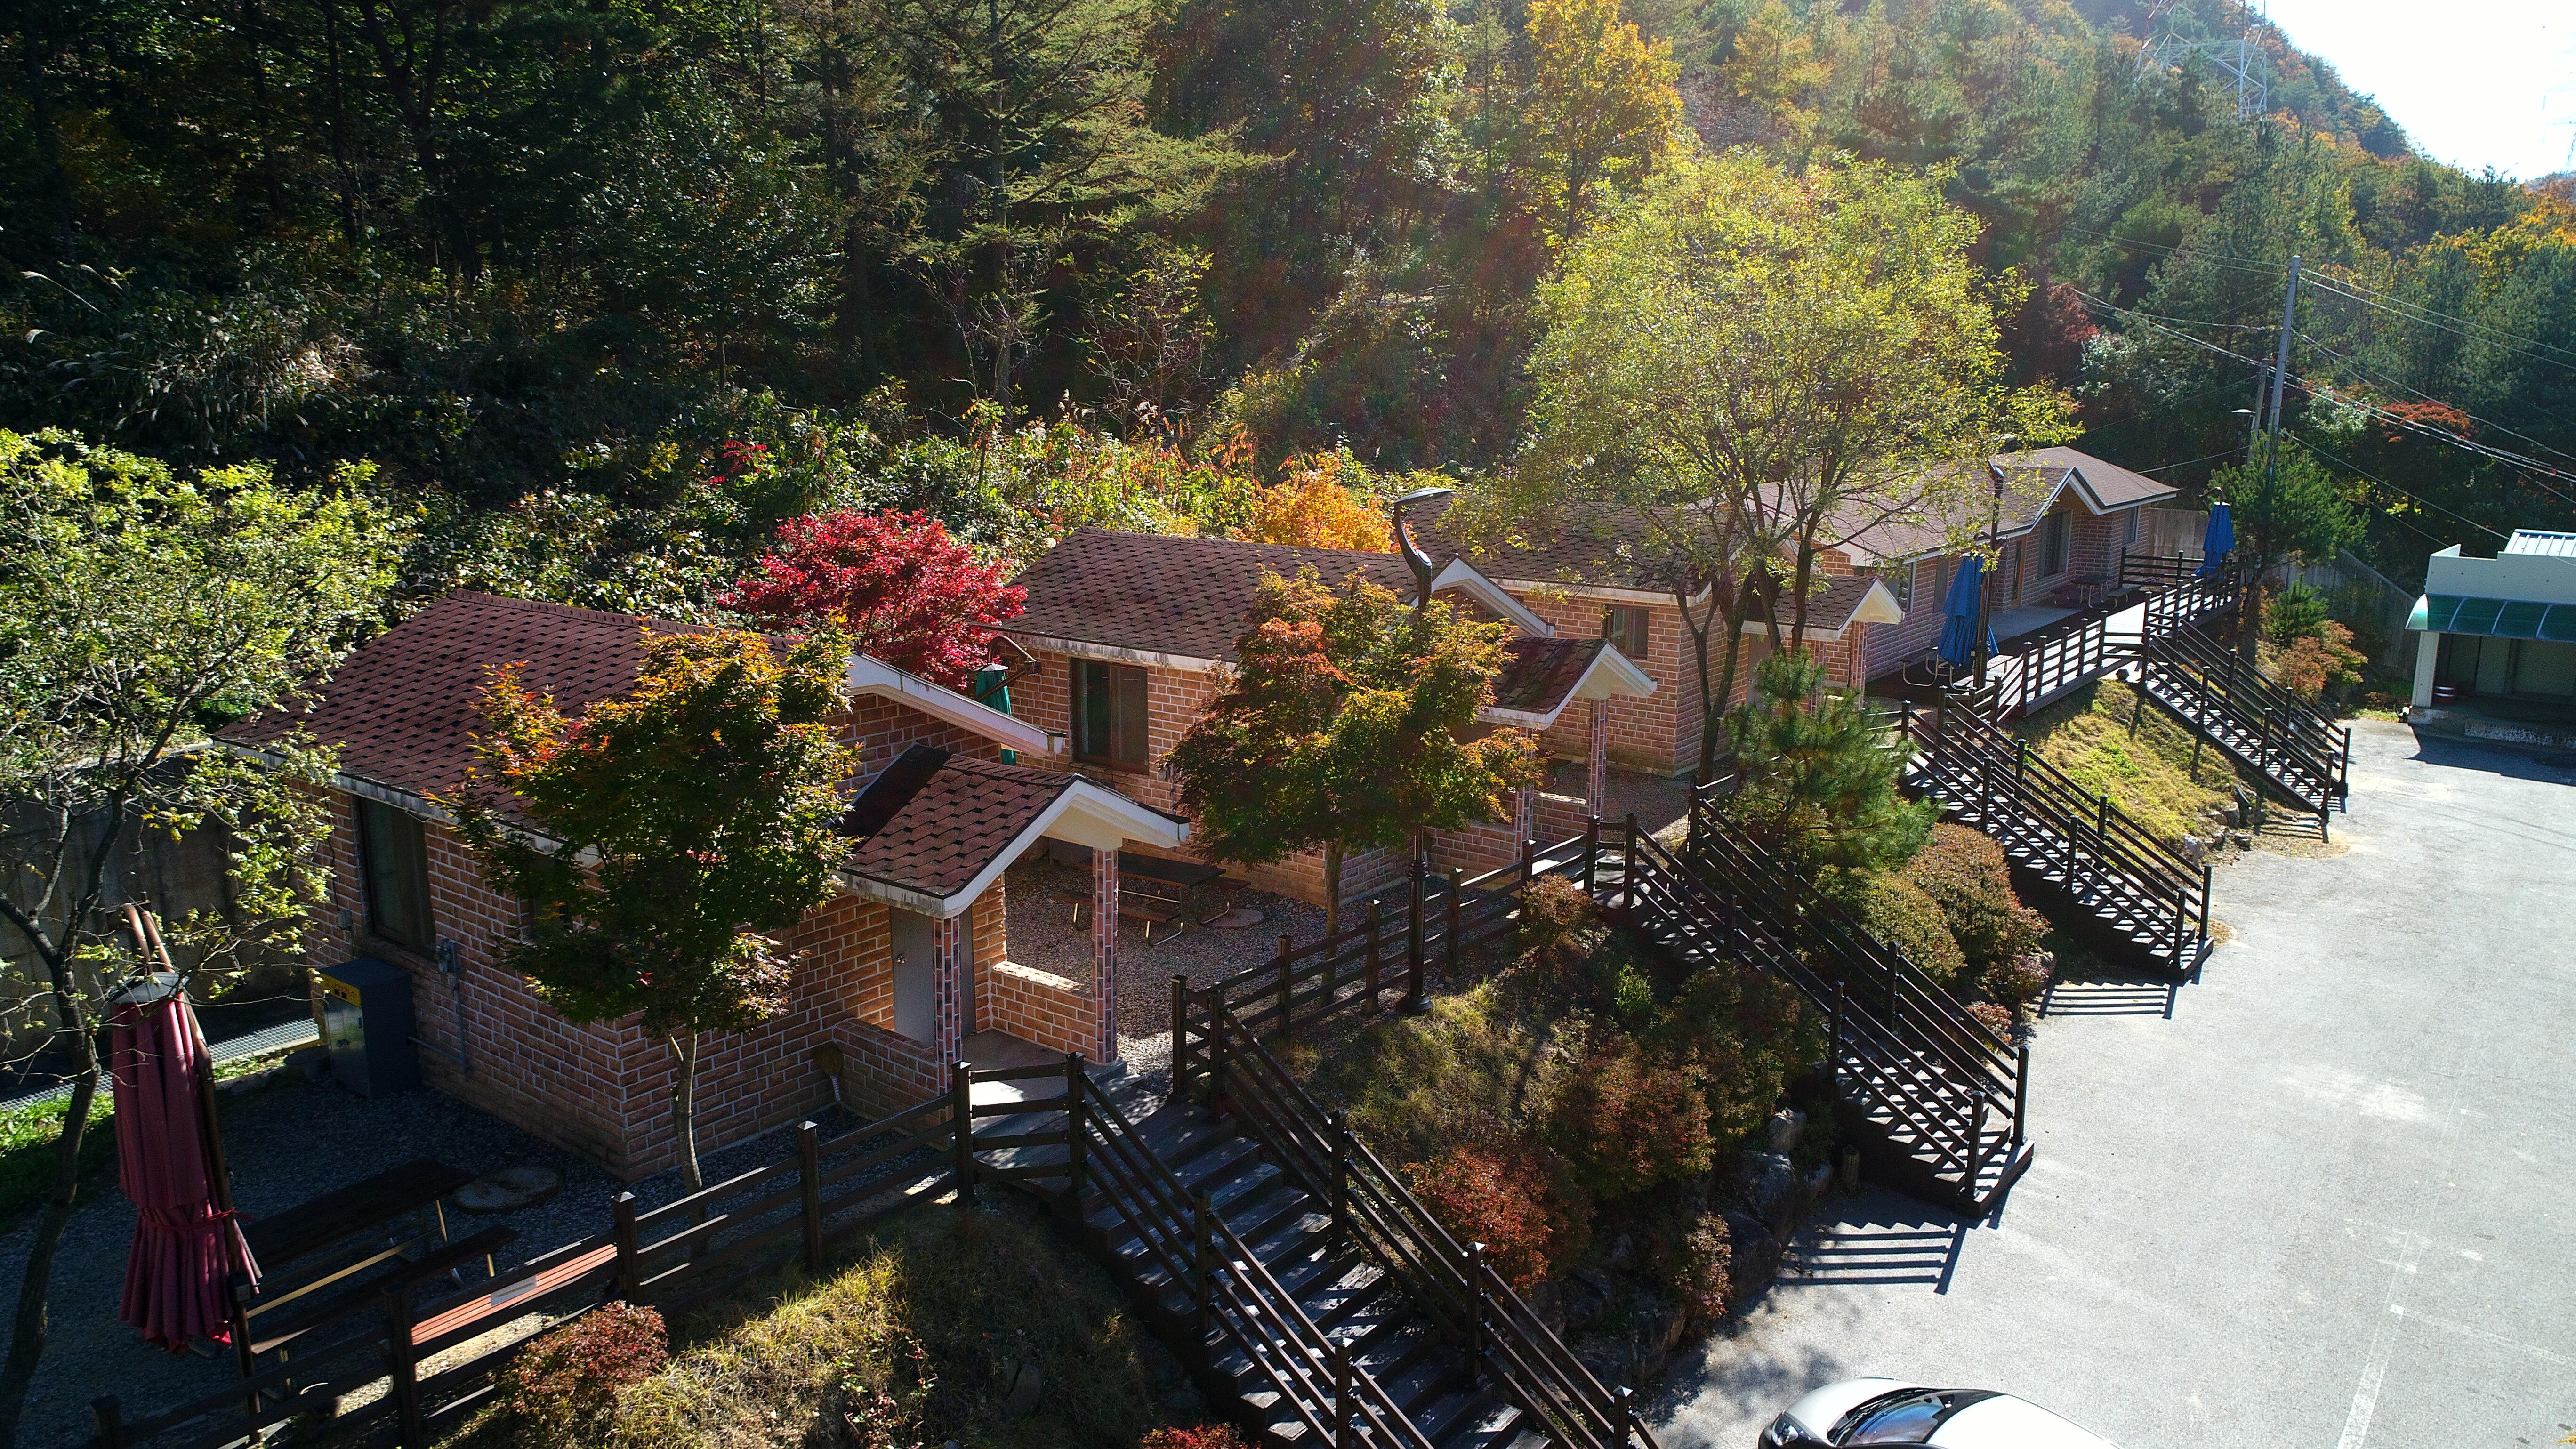 장령산자연휴양림 숲속의집